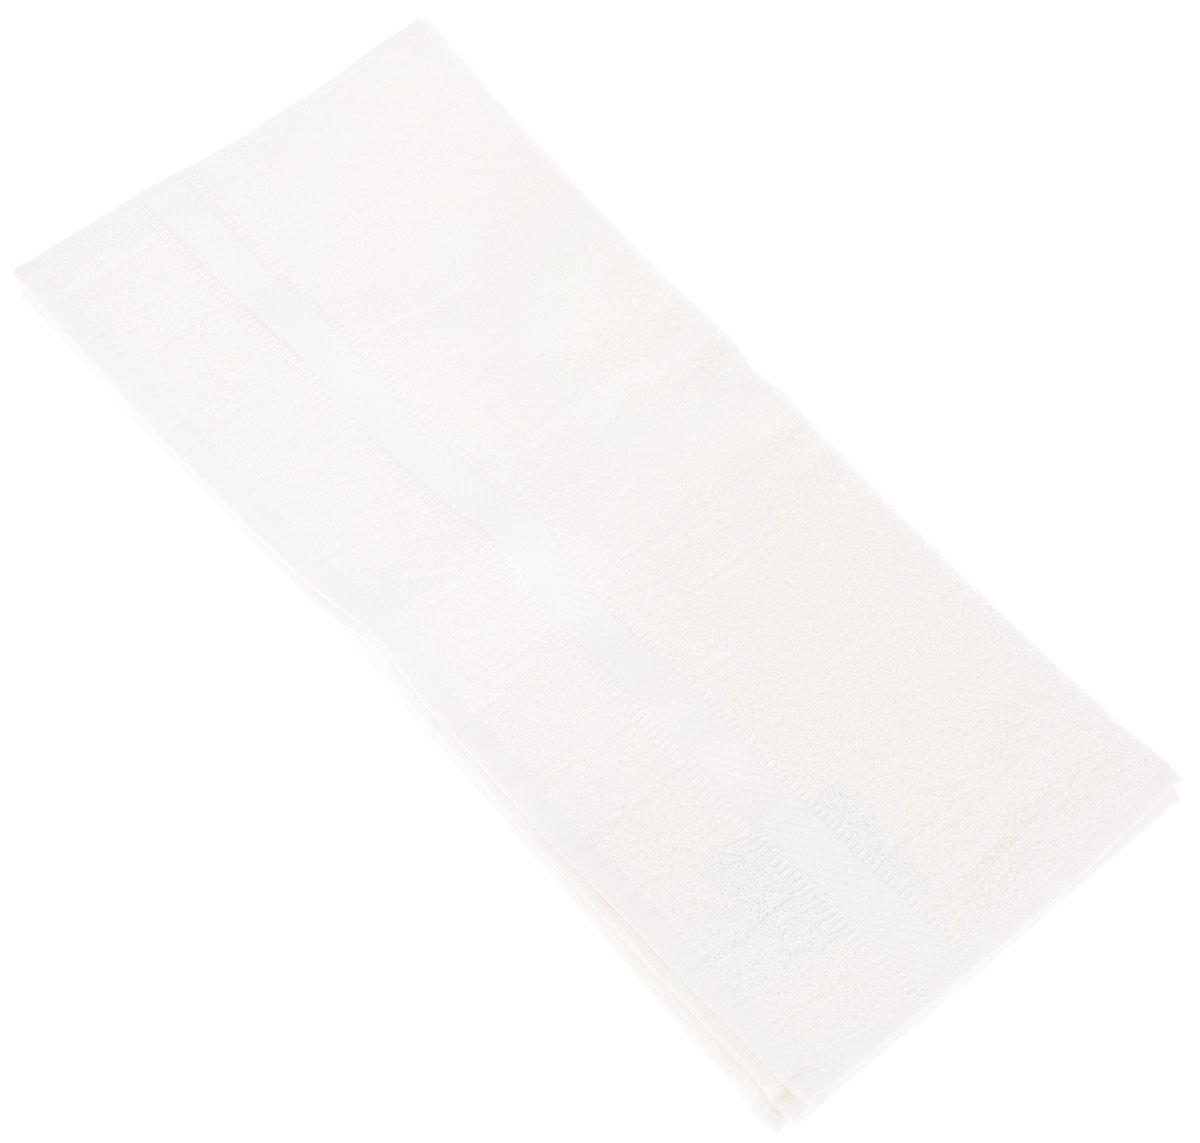 Полотенце Brielle Basic, цвет: кремовый, 50 х 85 см1209Полотенце Brielle Basic выполнено из 100% хлопка. Изделие очень мягкое, оно отлично впитывает влагу, быстро сохнет, сохраняет яркость цвета и не теряет формы даже после многократных стирок. Лаконичные бордюры подойдут для любого интерьера ванной комнаты. Полотенце прекрасно впитывает влагу и быстро сохнет. При соблюдении рекомендаций по уходу не линяет и не теряет форму даже после многократных стирок.Полотенце Brielle Basic очень практично и неприхотливо в уходе.Такое полотенце послужит приятным подарком.